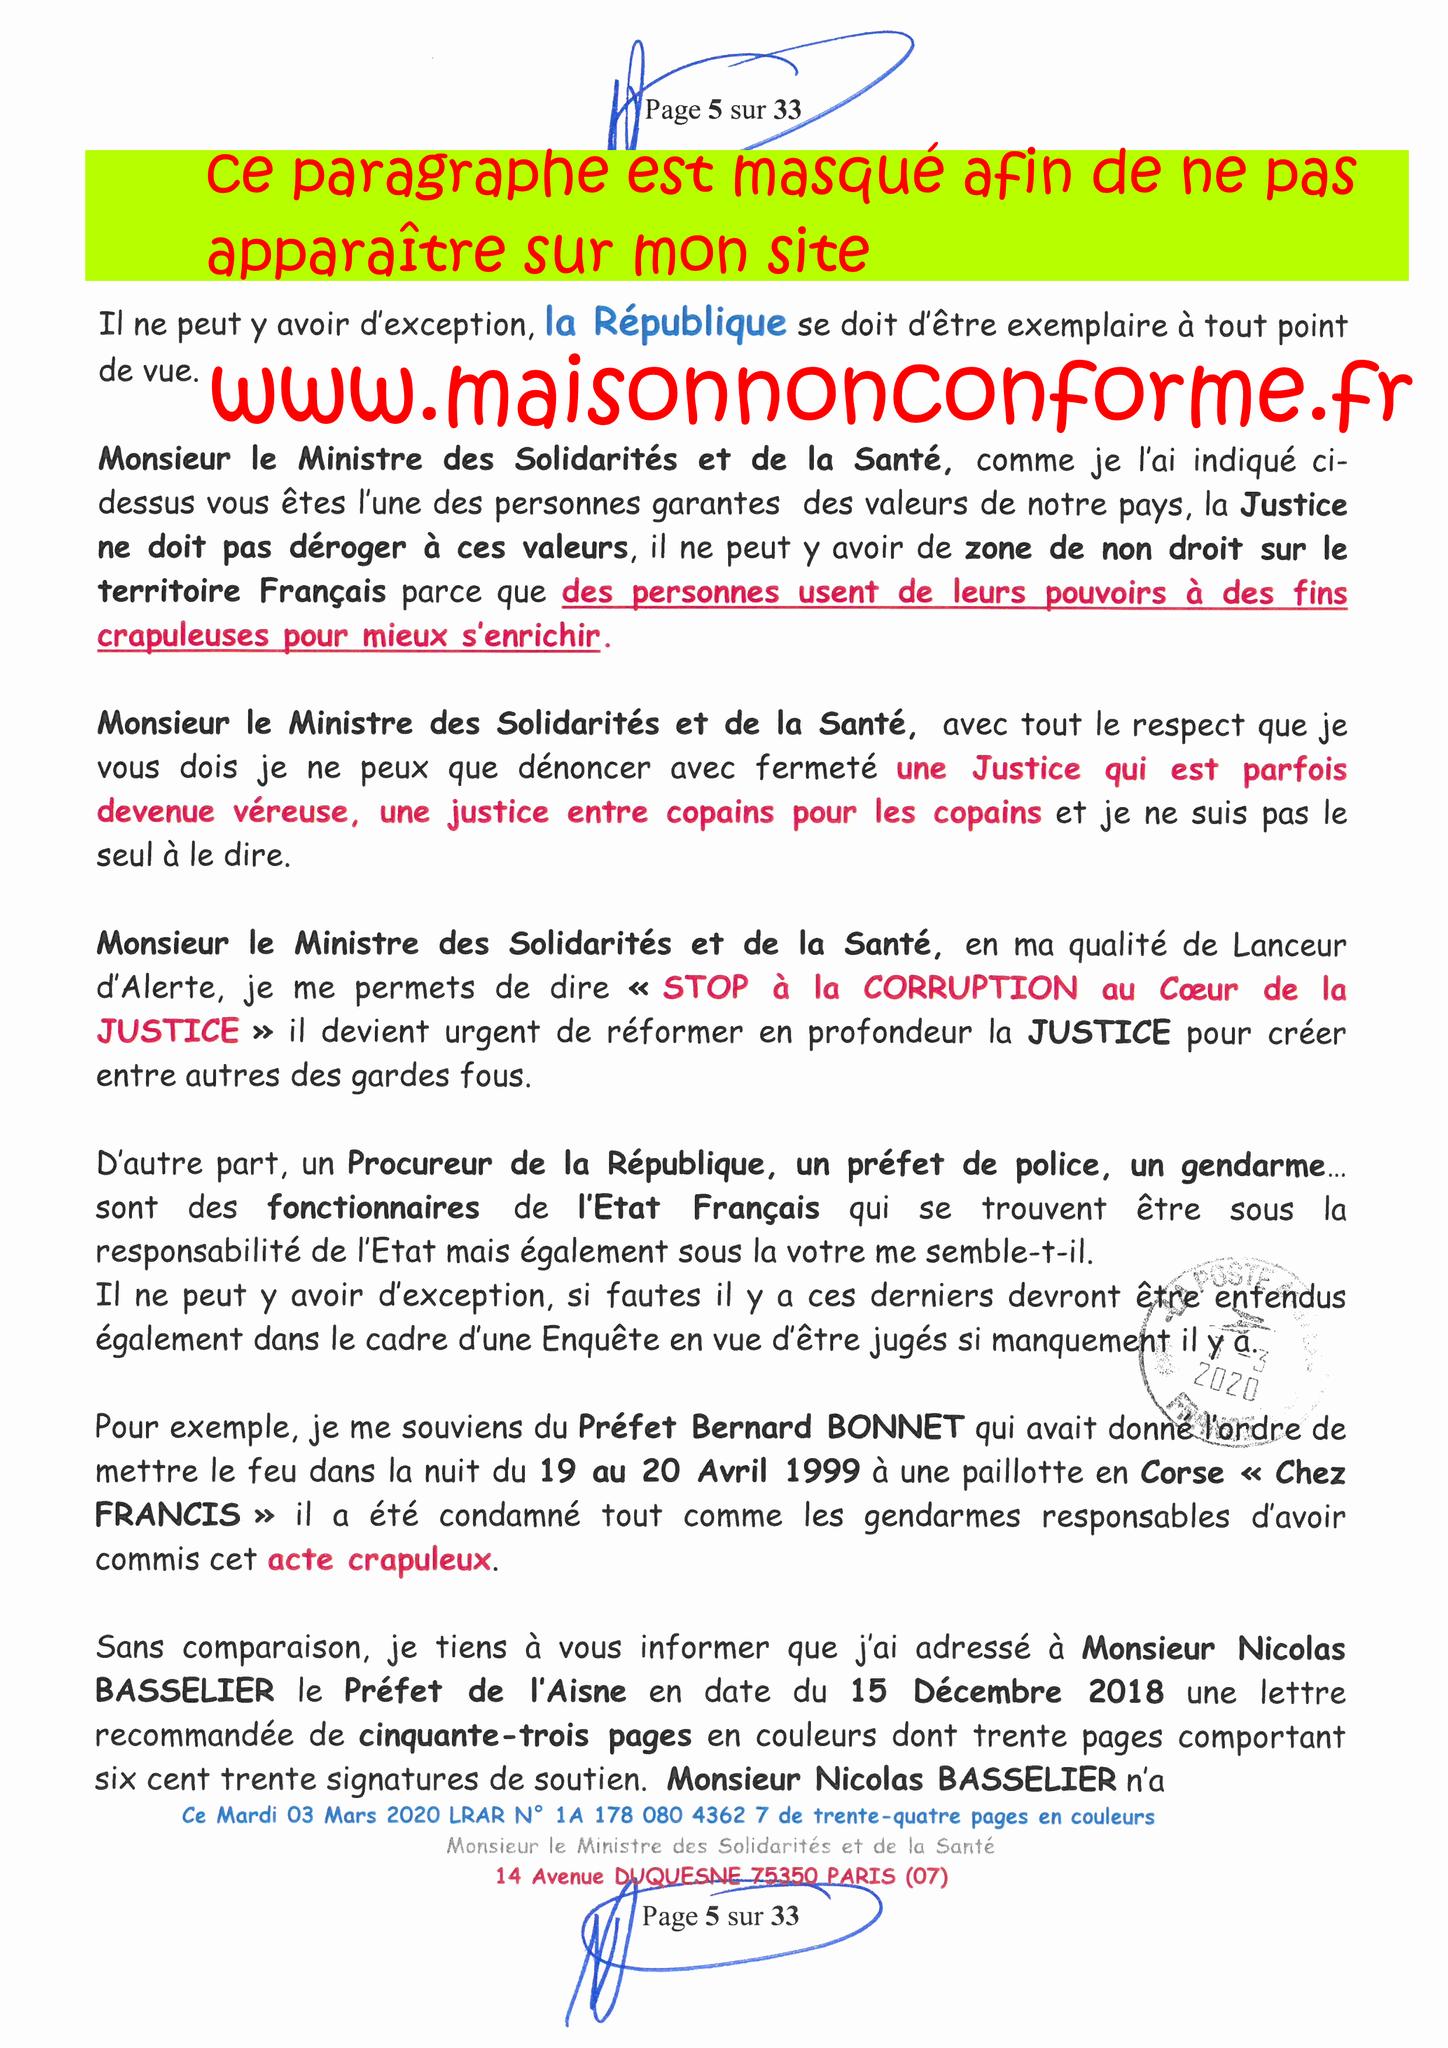 Page 5 sur 33 Ma lettre recommandée N0 1A 178 080 4362 7 du 03 Mars 2020 à Monsieur Olivier VERAN le Ministre de la Santé et des Solidarités www.jesuispatrick.fr www.jesuisvictime.fr www.alerte-rouge-france.fr